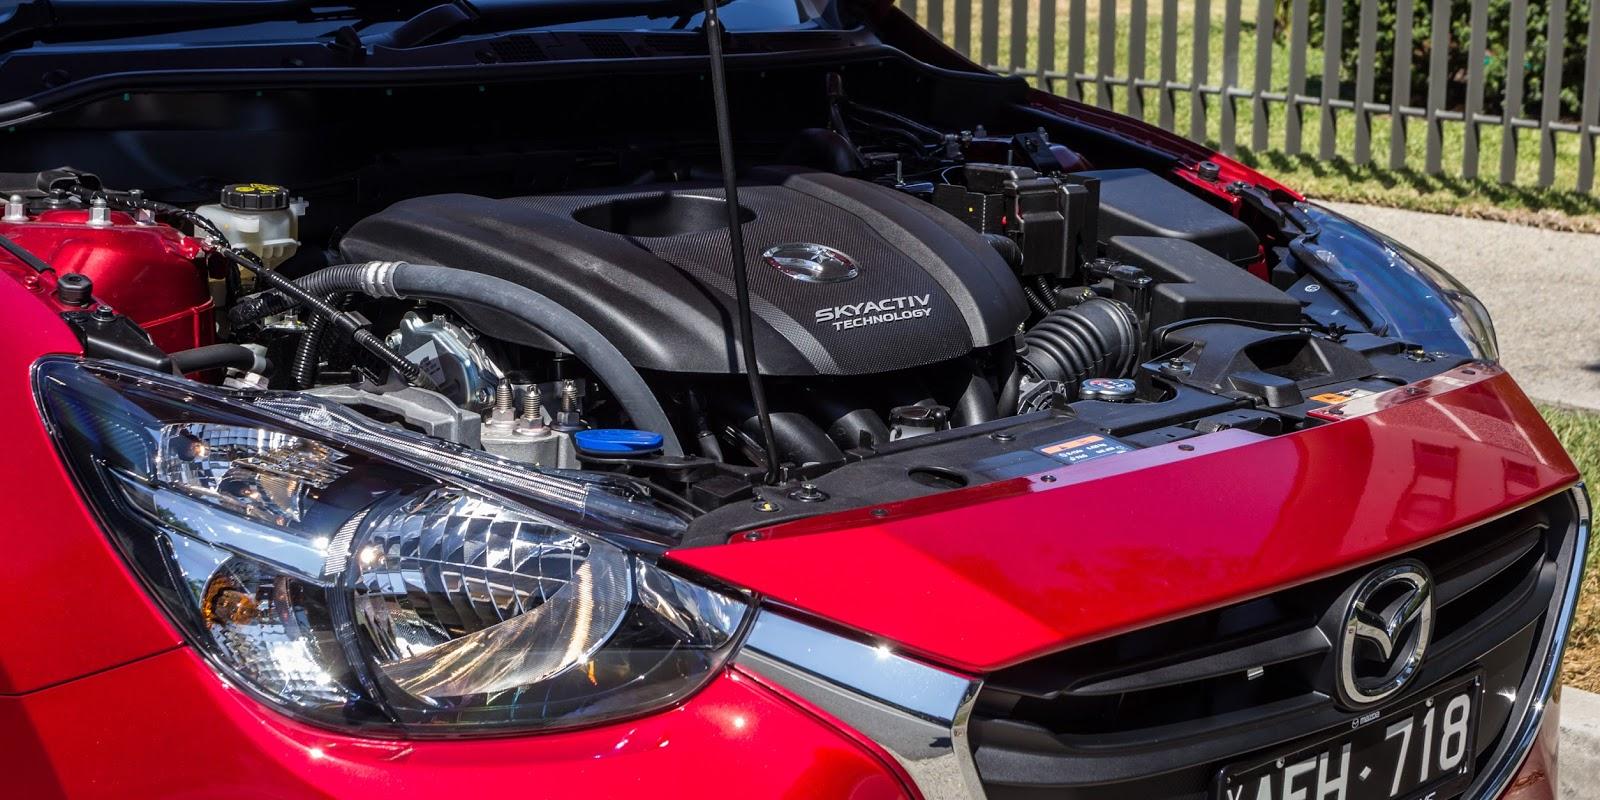 Động cơ skyactiv của Mazda 2 2016 hoạt động hiệu quả và tiết kiệm nhiên liệu